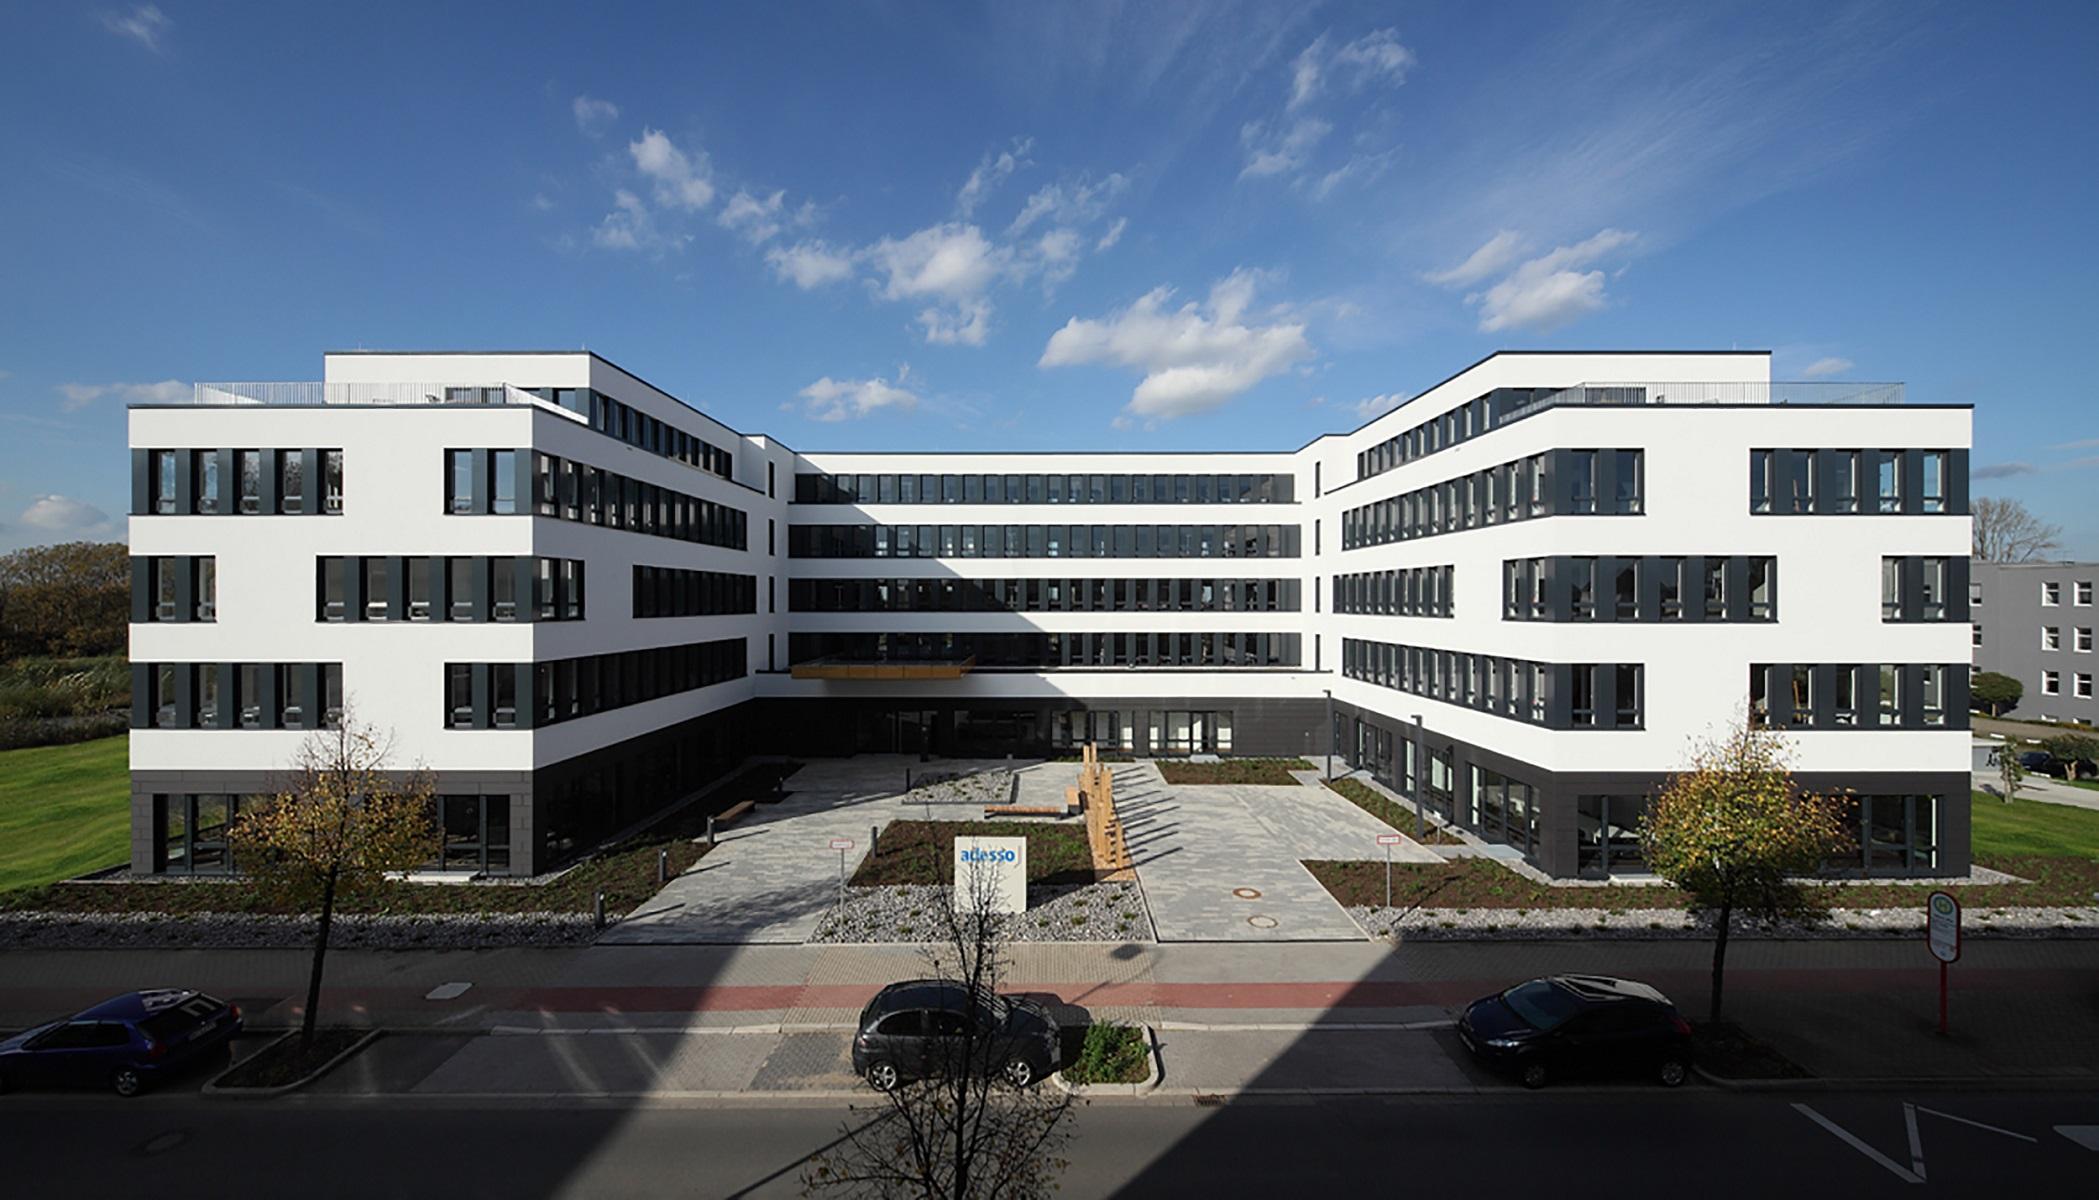 Adesso-Geschäftsstelle Dortmund . Photo credits Hans Juergen Landes.